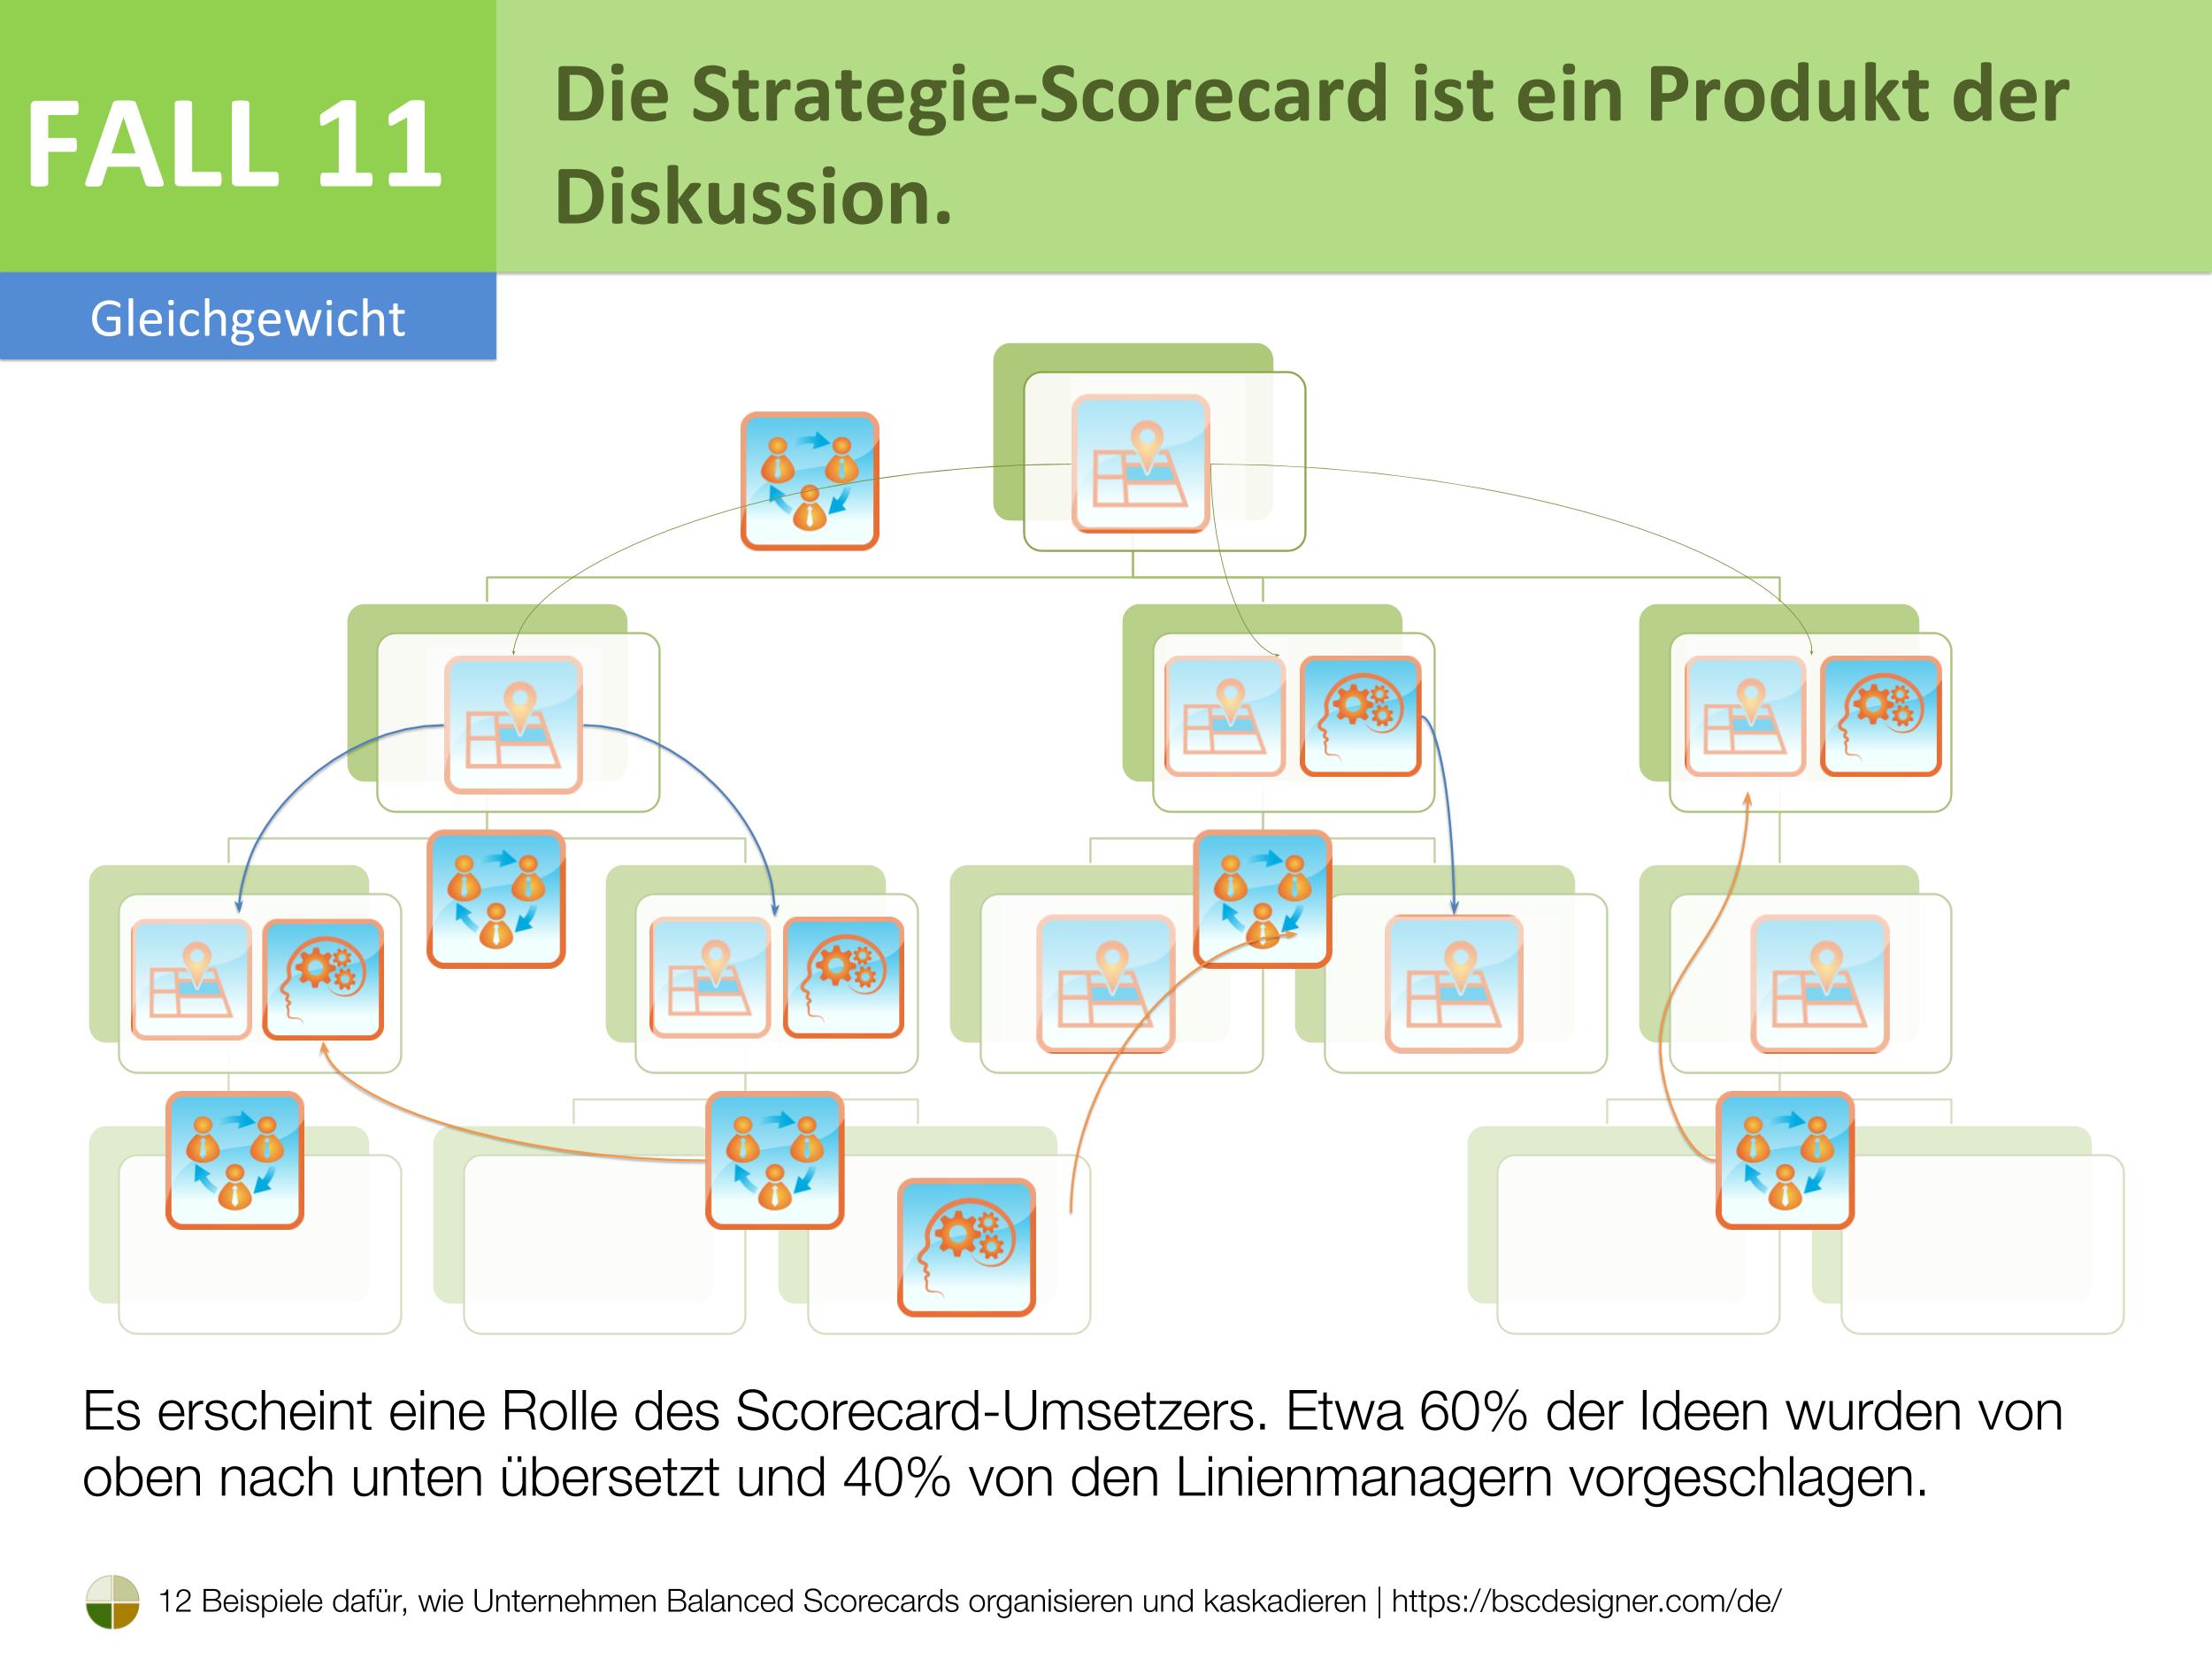 Die Strategie-Scorecard ist ein Produkt der Diskussion.